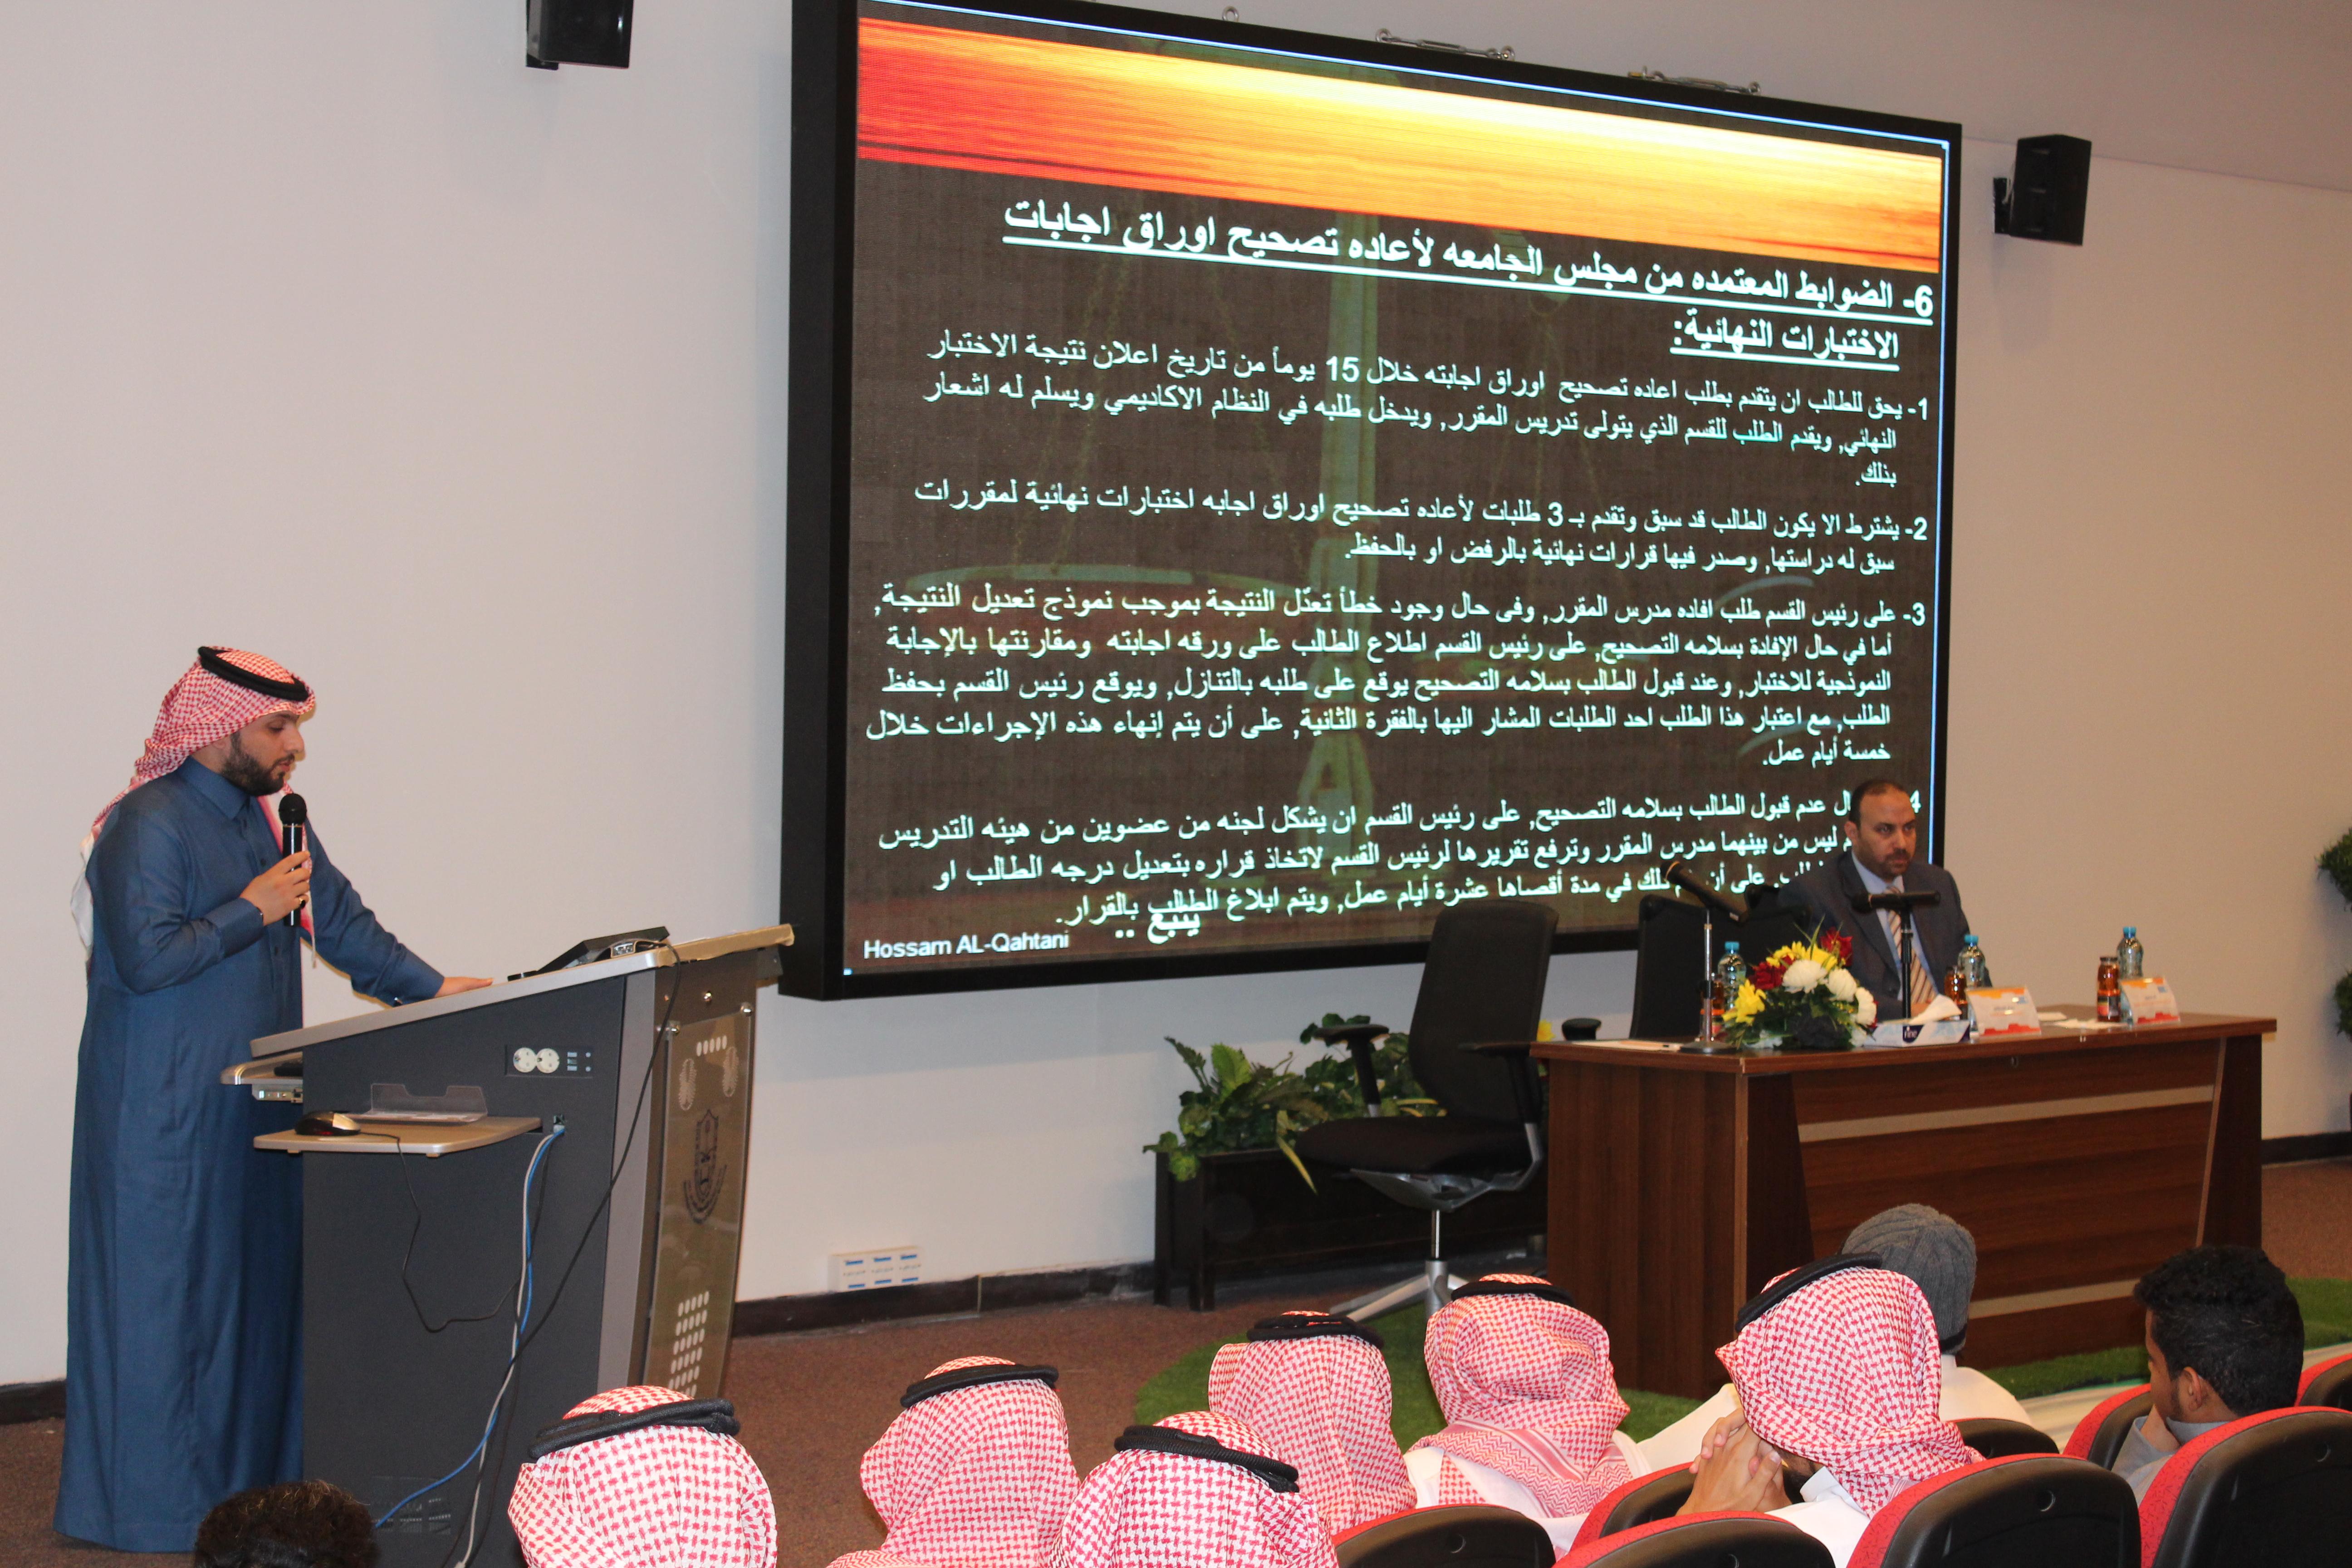 محاضرة بعنوان (وثيقة حقوق والتزامات الطالب الجامعي)